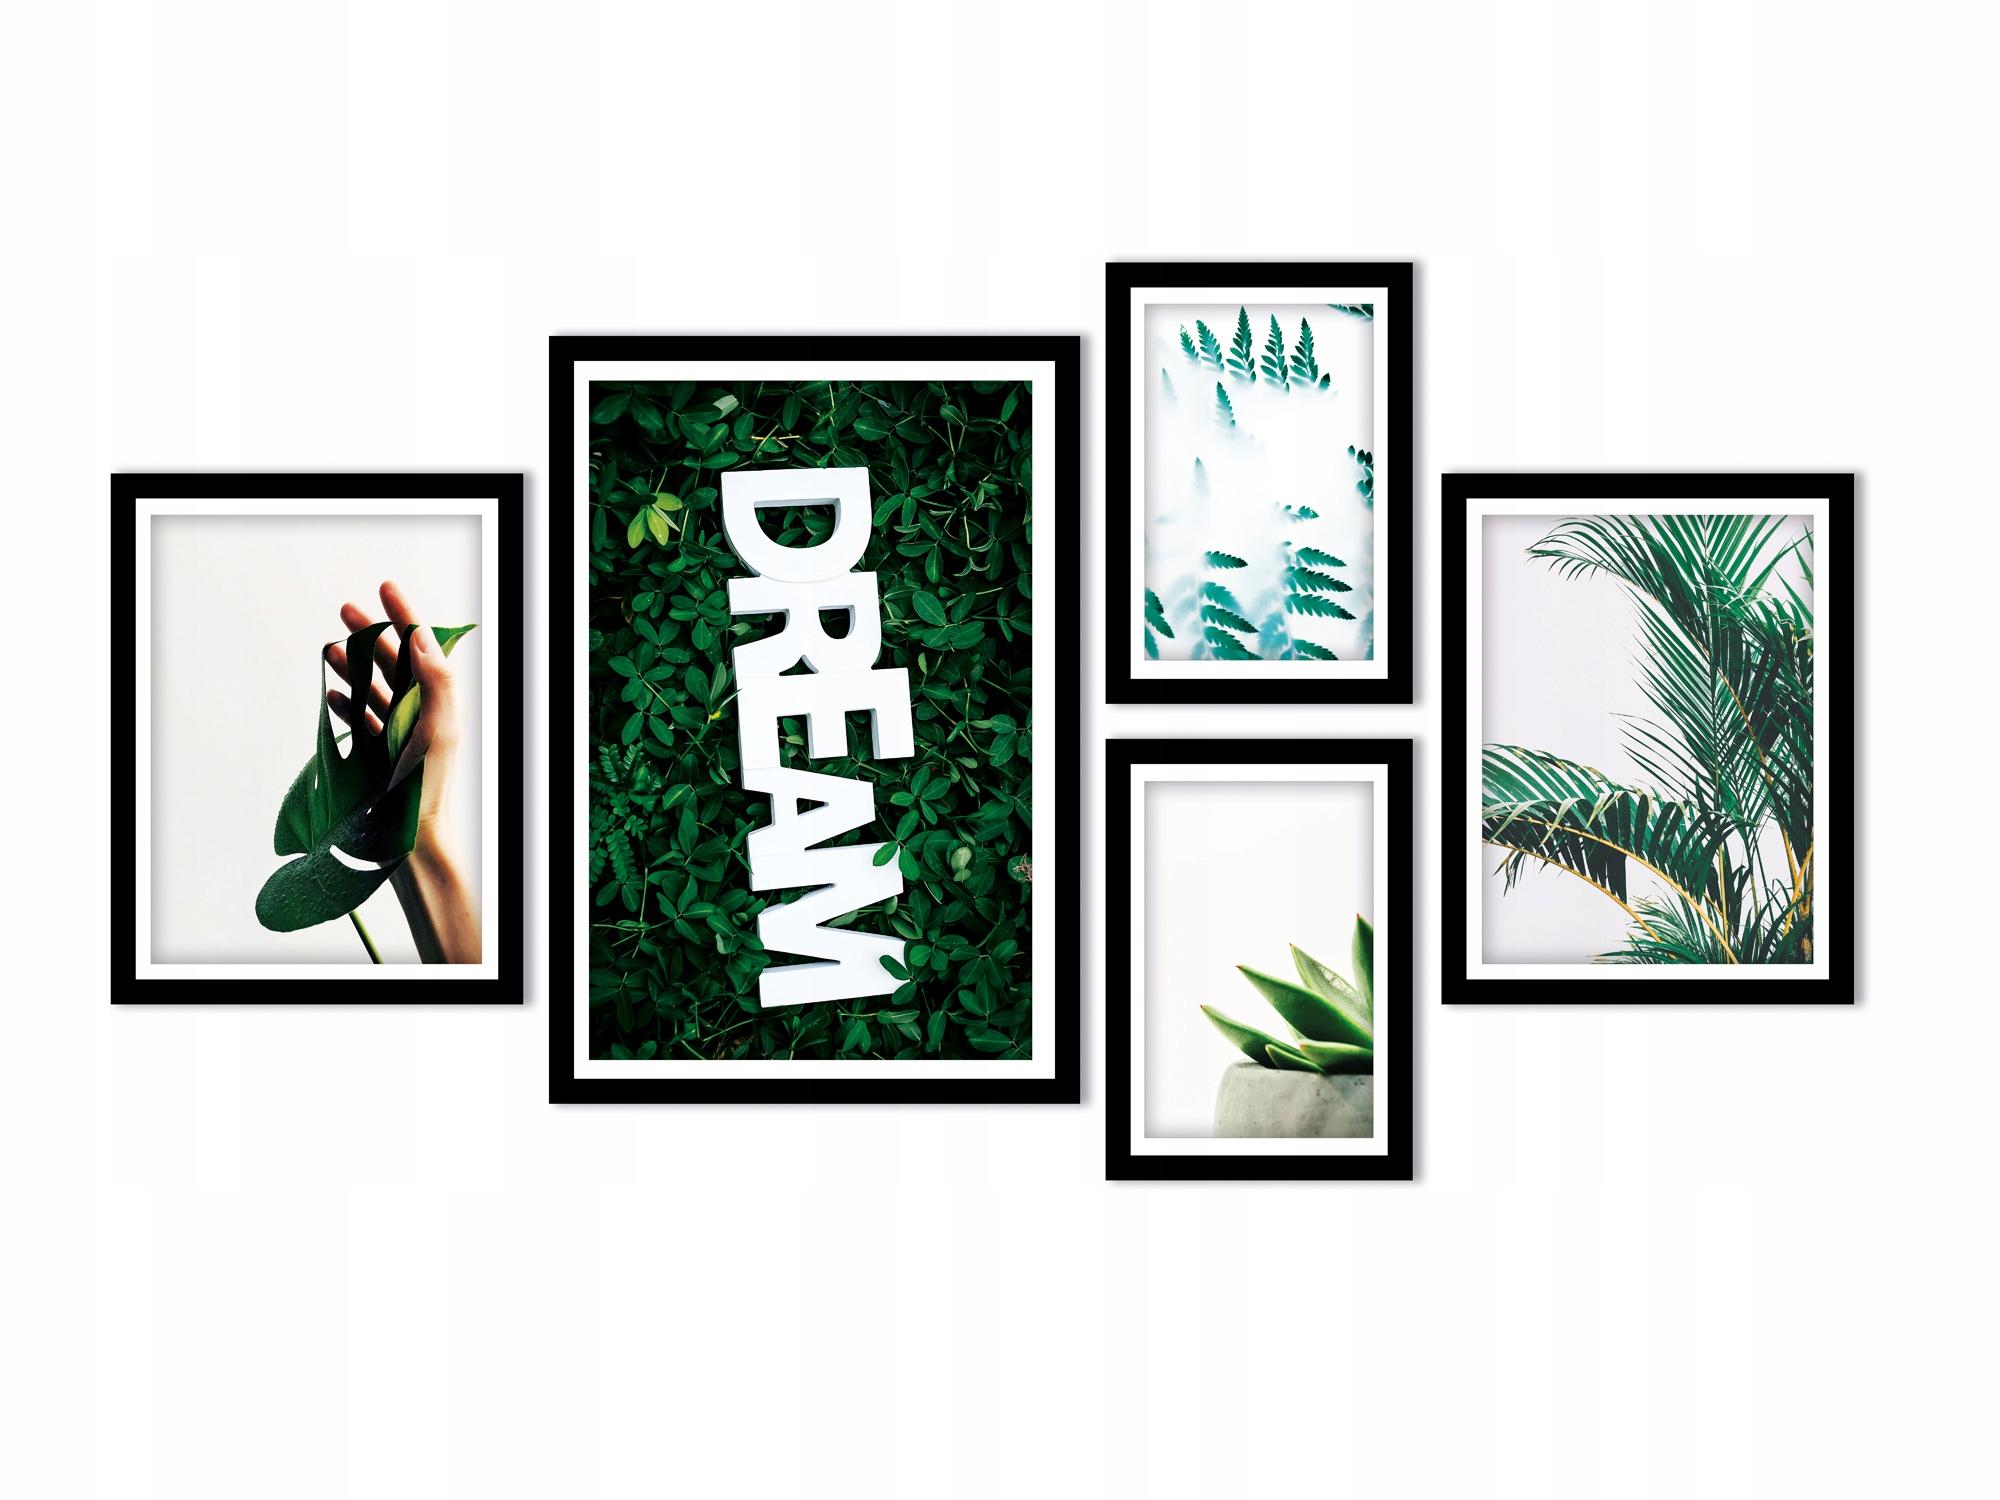 Plakaty w ramie duże 5szt. - Dream